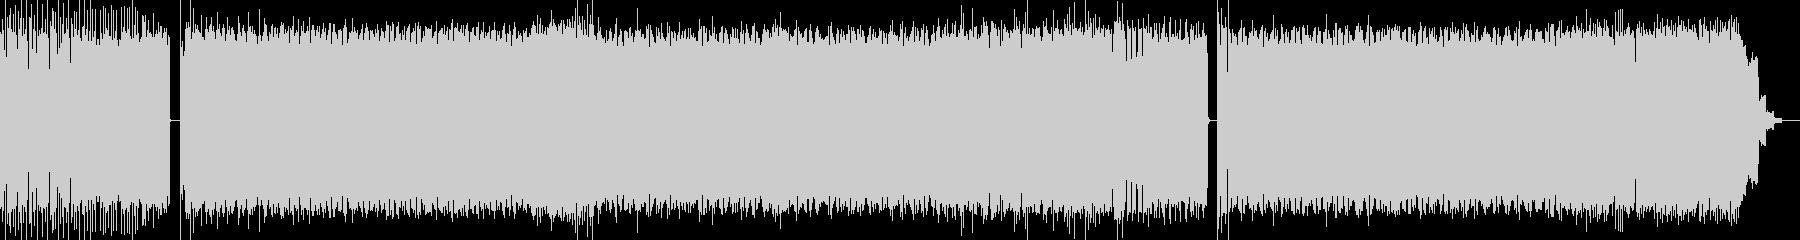 ダブステップ調の4つ打ちEDM(vo無)の未再生の波形